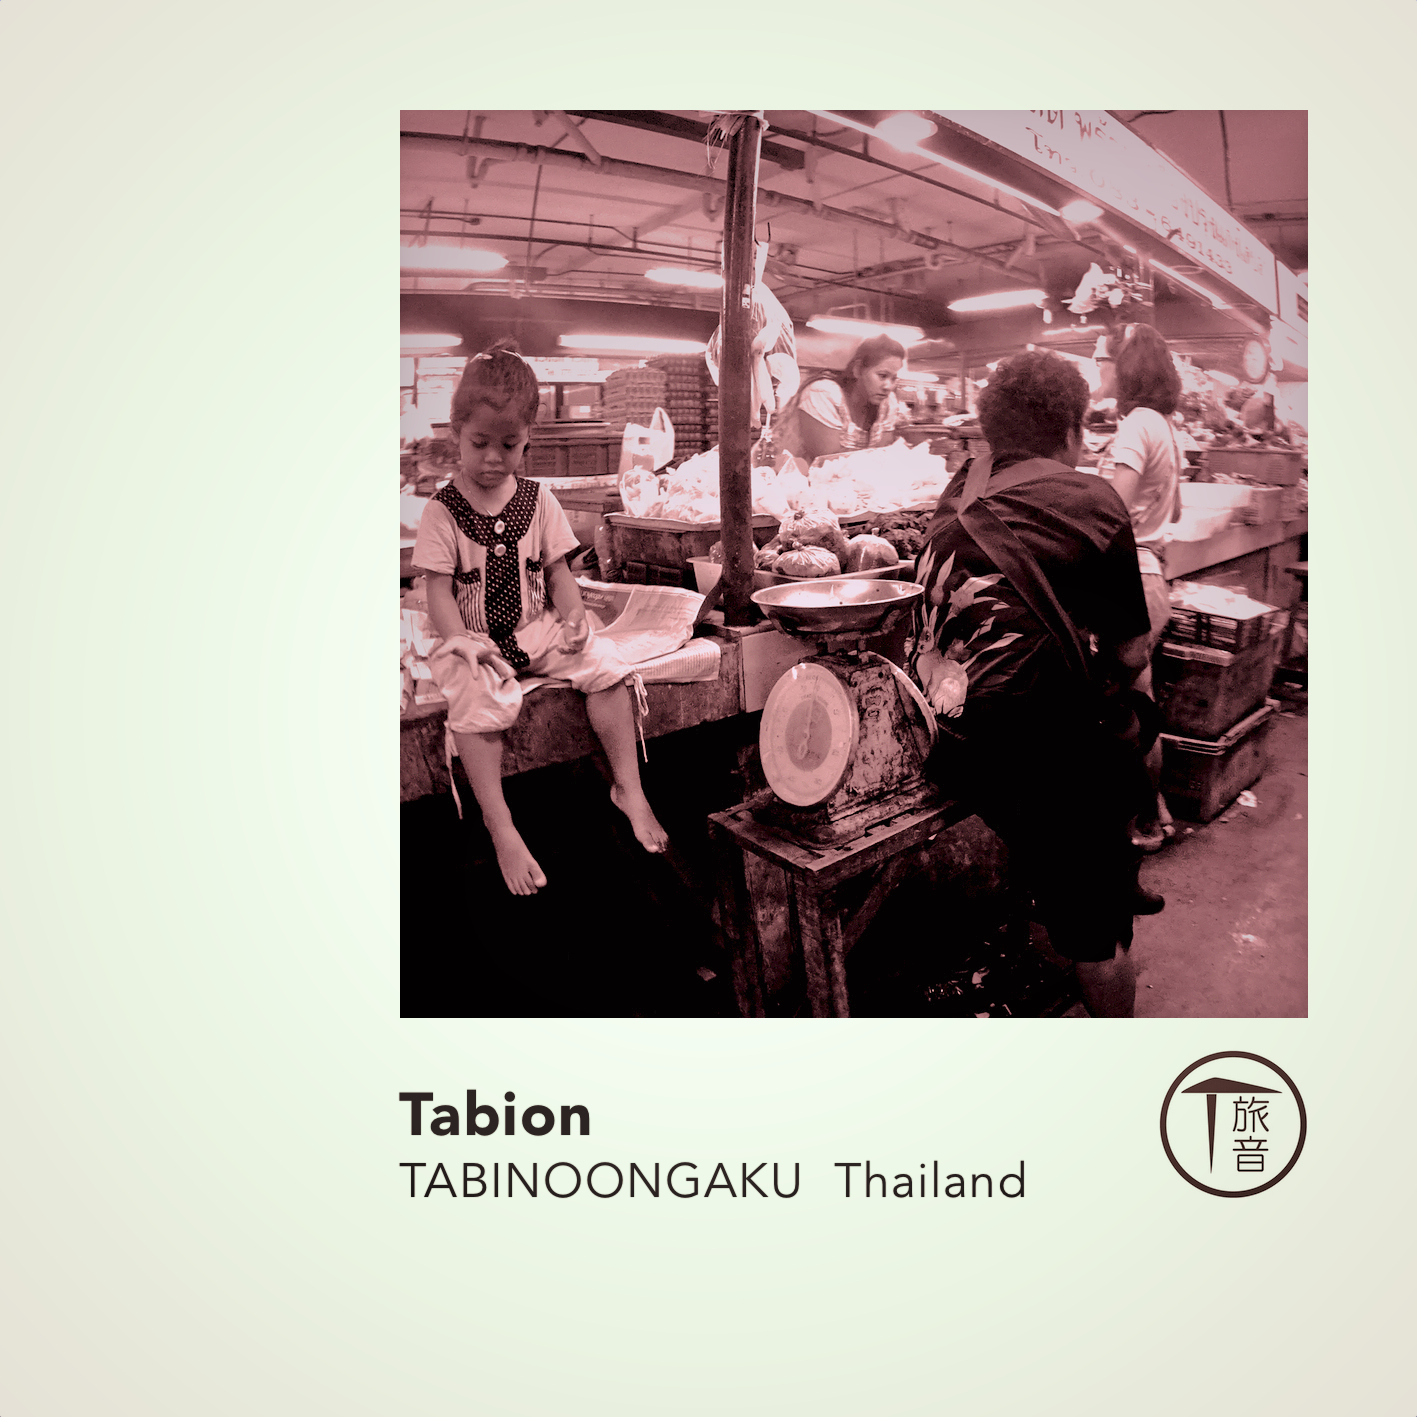 旅音 Thailand Bandcamp 8_Fotor